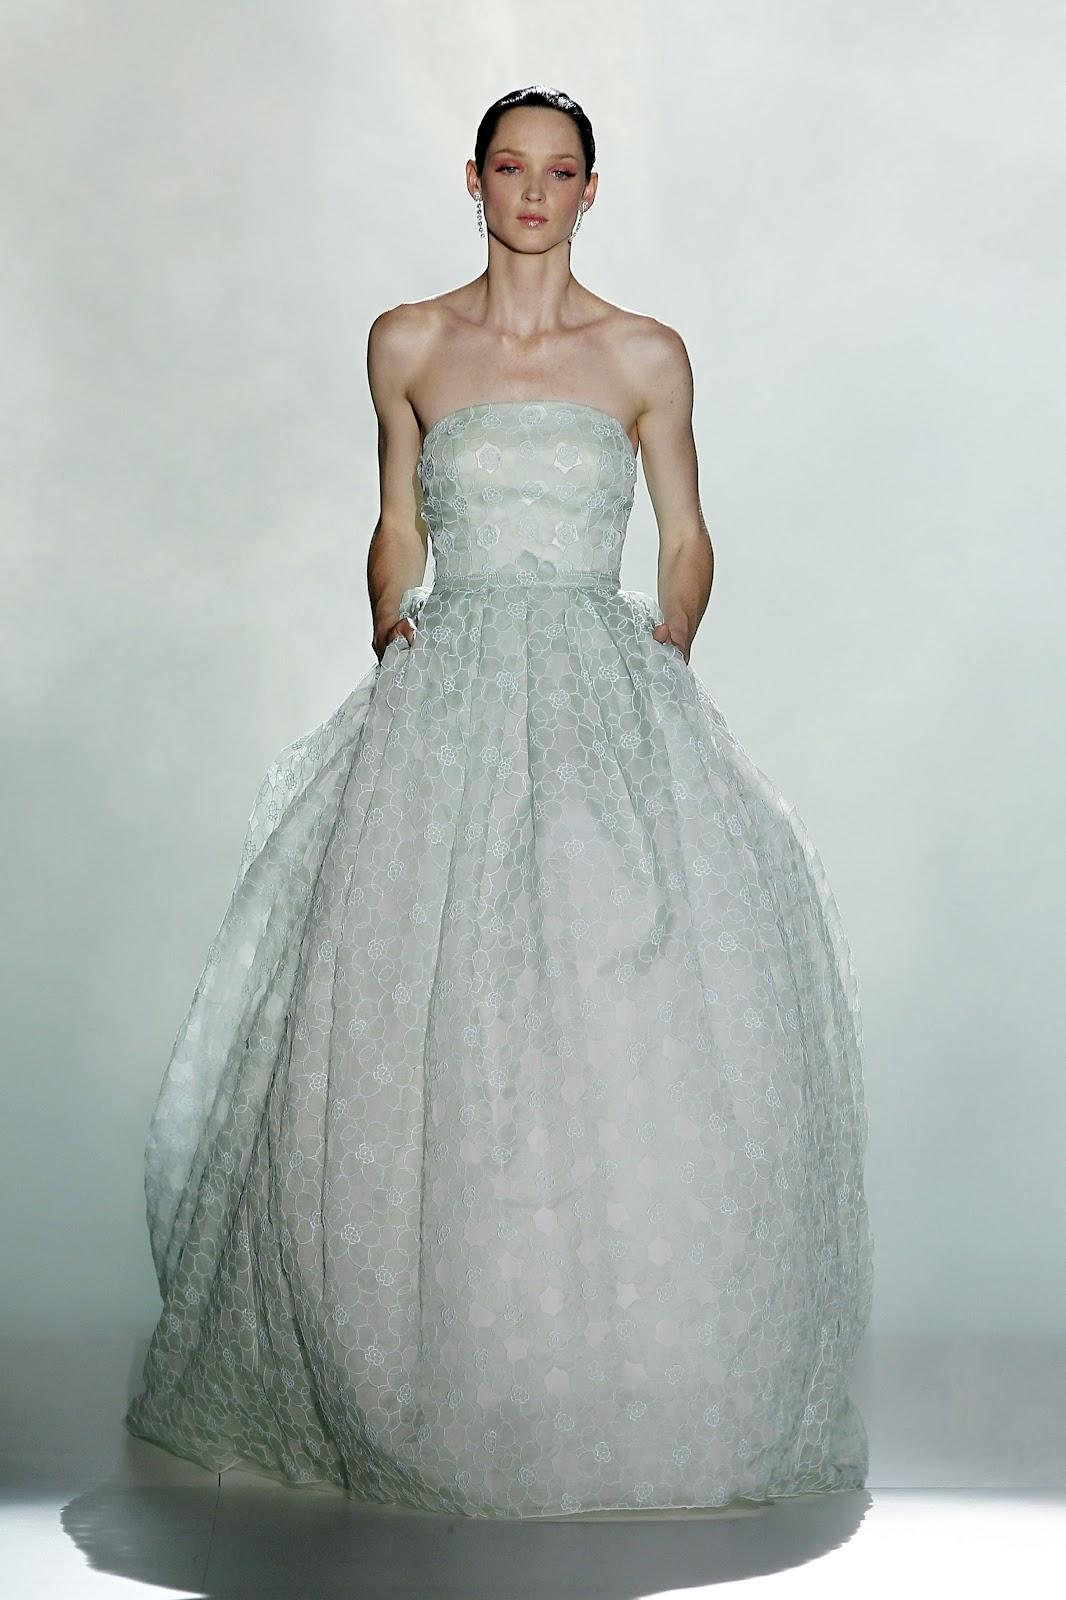 Rosa Clará: Desfile y... ¡FIESTA! - Quiero una boda perfecta